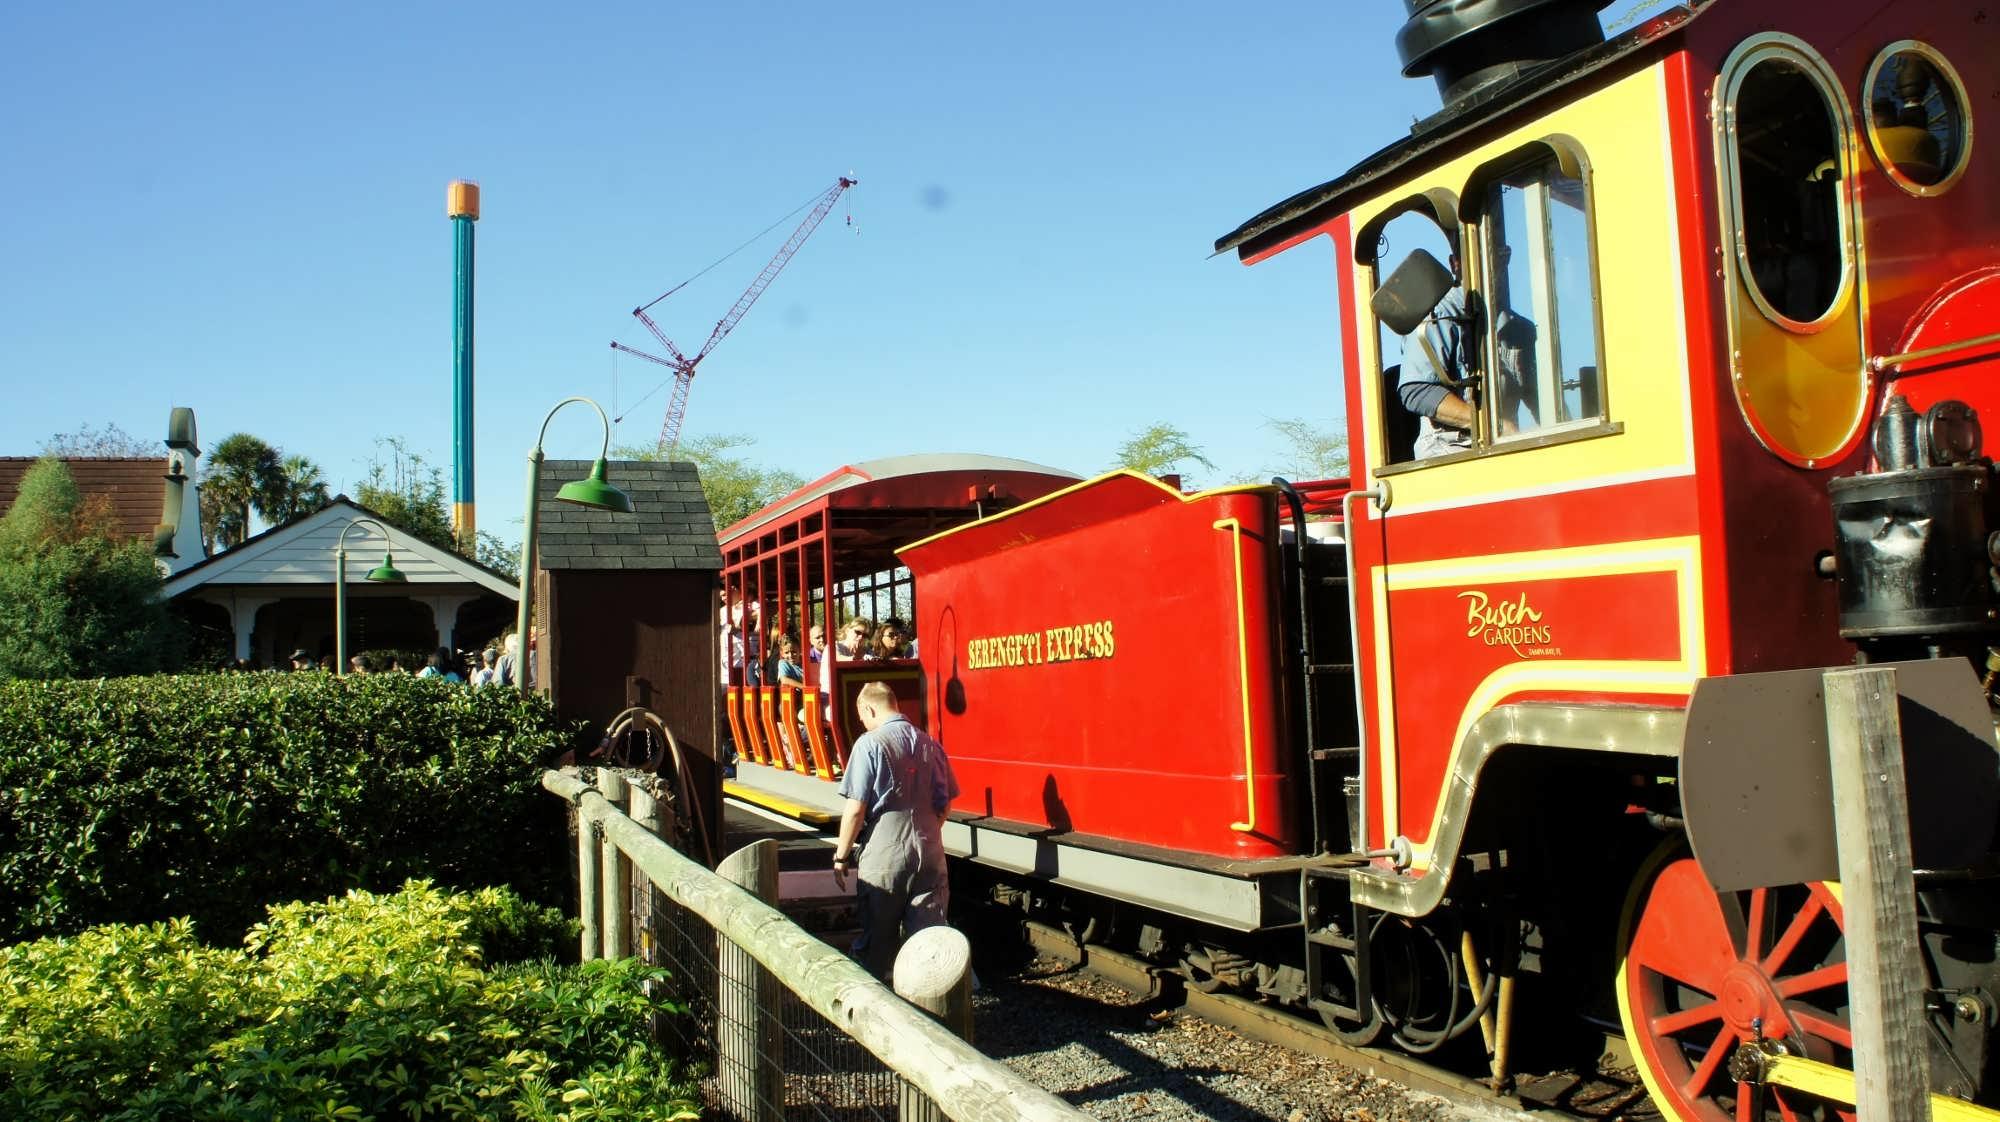 Busch gardens animals 8 oi - Transportation From Seaworld To Busch Gardens